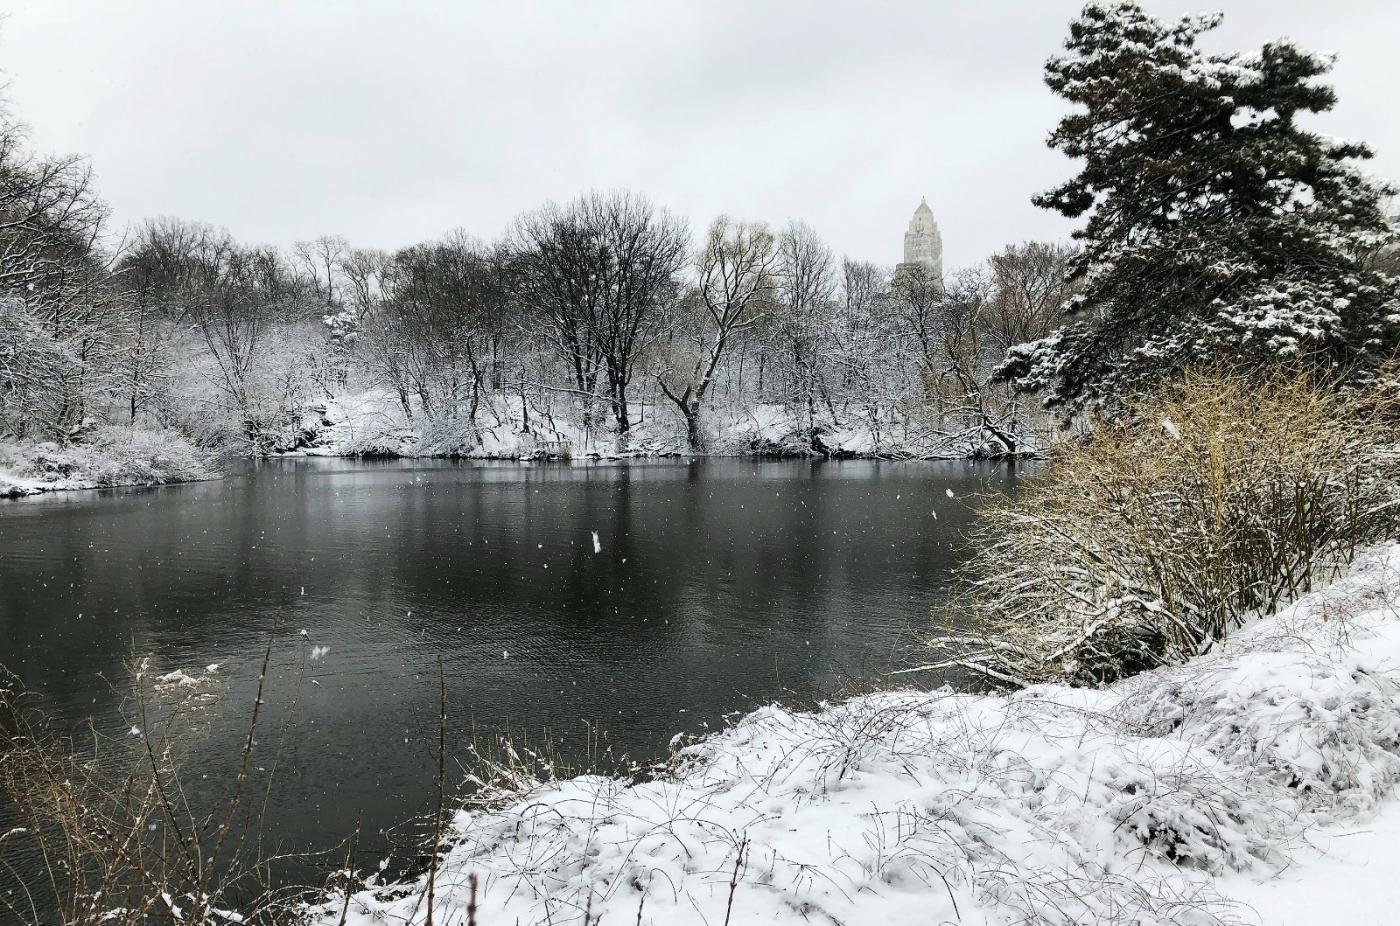 【田螺手机摄影】纽约雪景、还是中央公园最漂亮[二]_图1-5